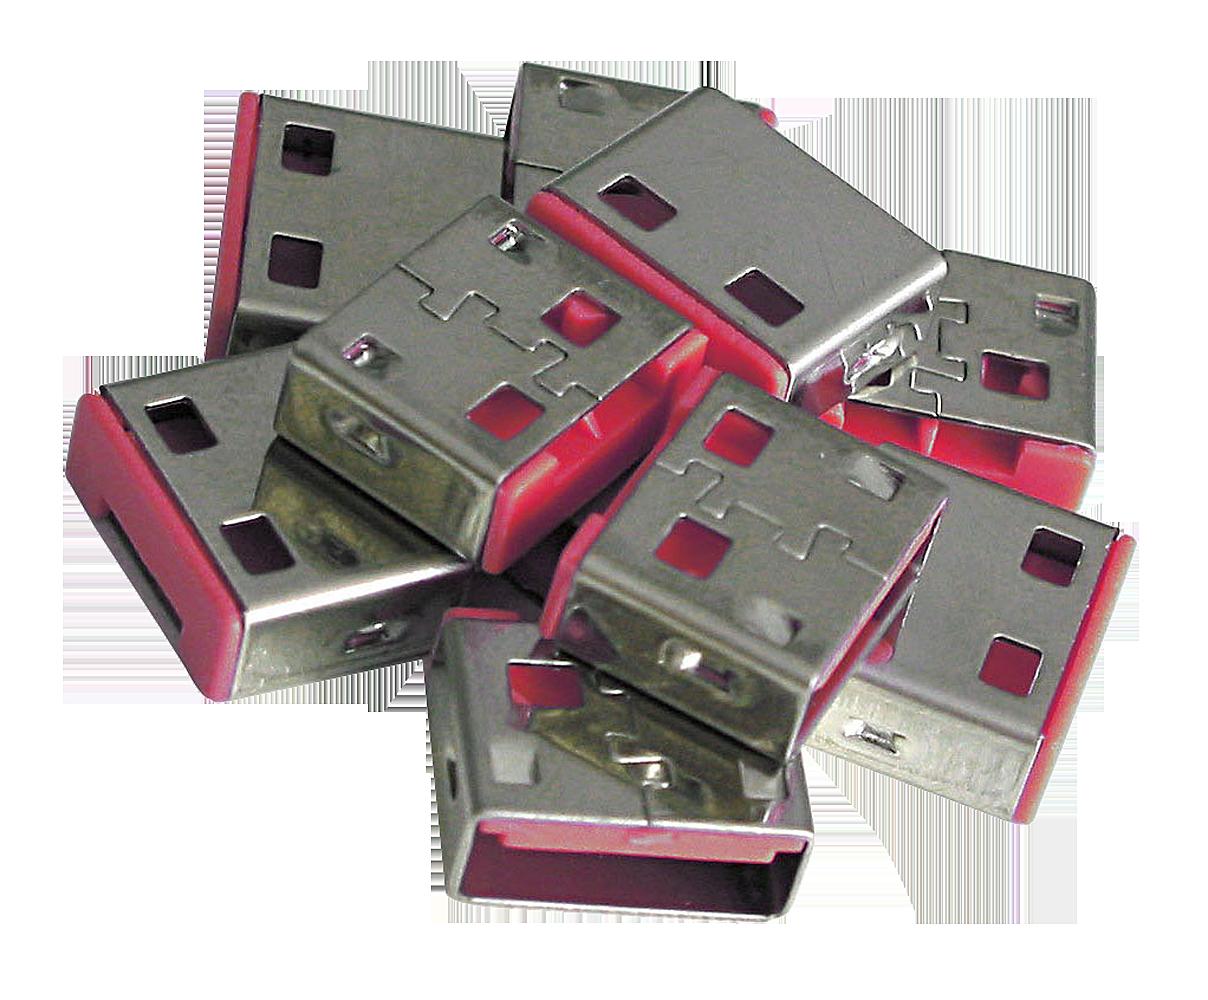 USB Port Schloss (10 Stück) OHNE Schlüssel: Code ROT